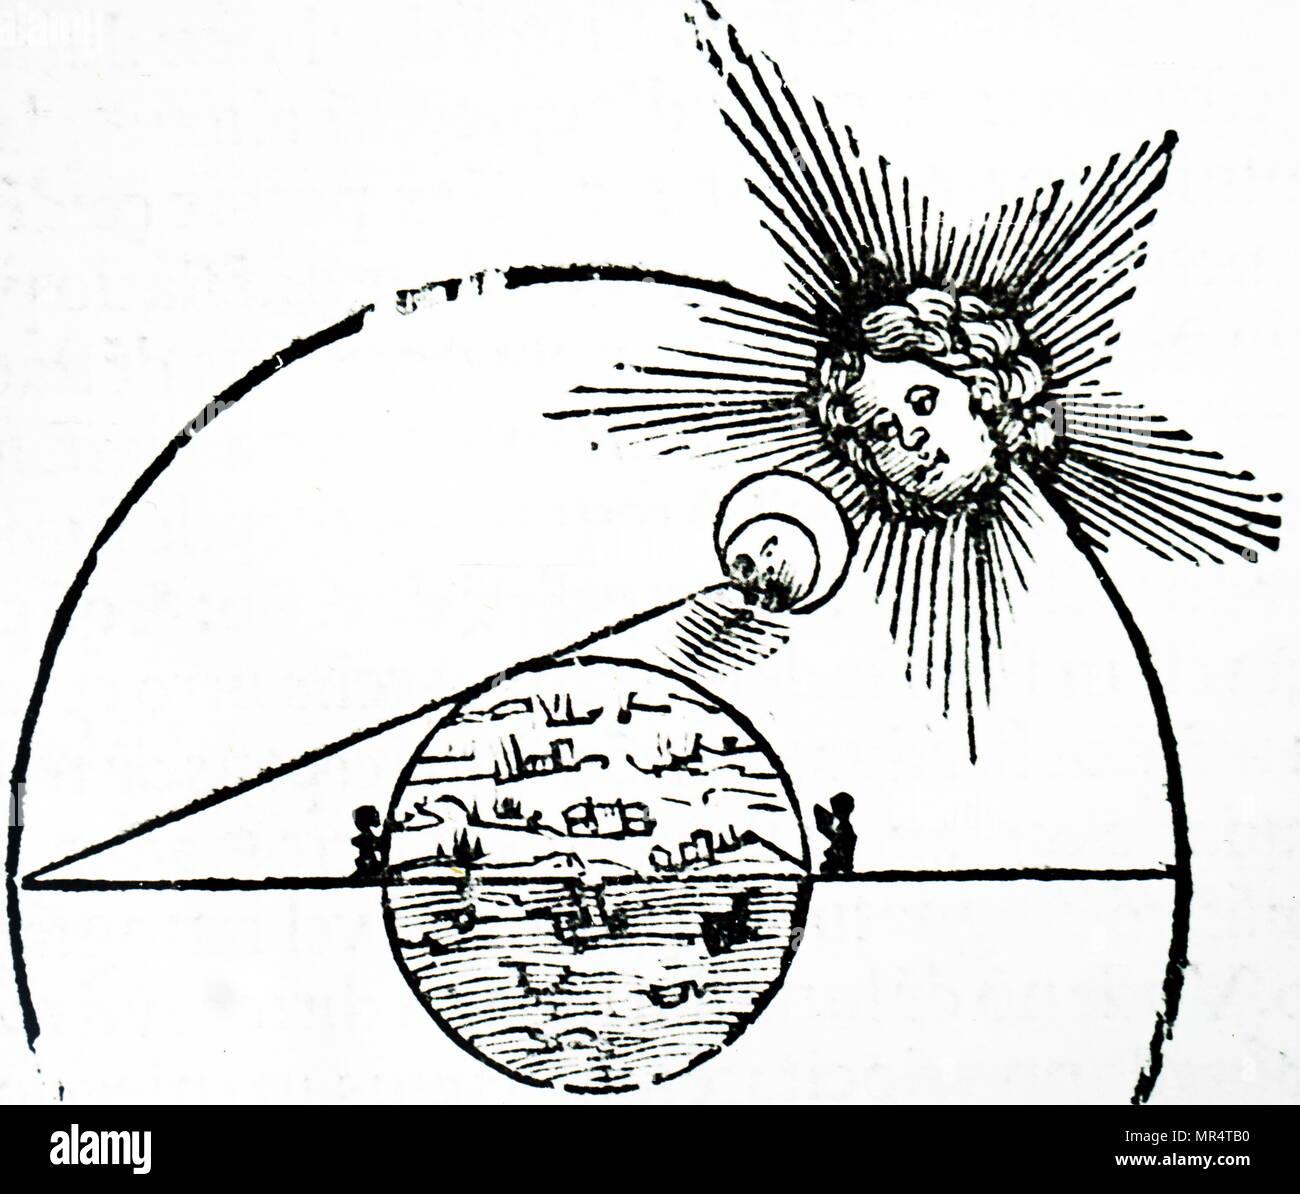 Diagramm zeigt eine Sonnenfinsternis. Eine Sonnenfinsternis (von der Erde aus gesehen) ist eine Art von Eclipse, die entsteht, wenn der Mond zwischen Sonne und Erde, und wenn der Mond ganz oder teilweise blockiert ('occults') der Sun vom 16. Stockbild